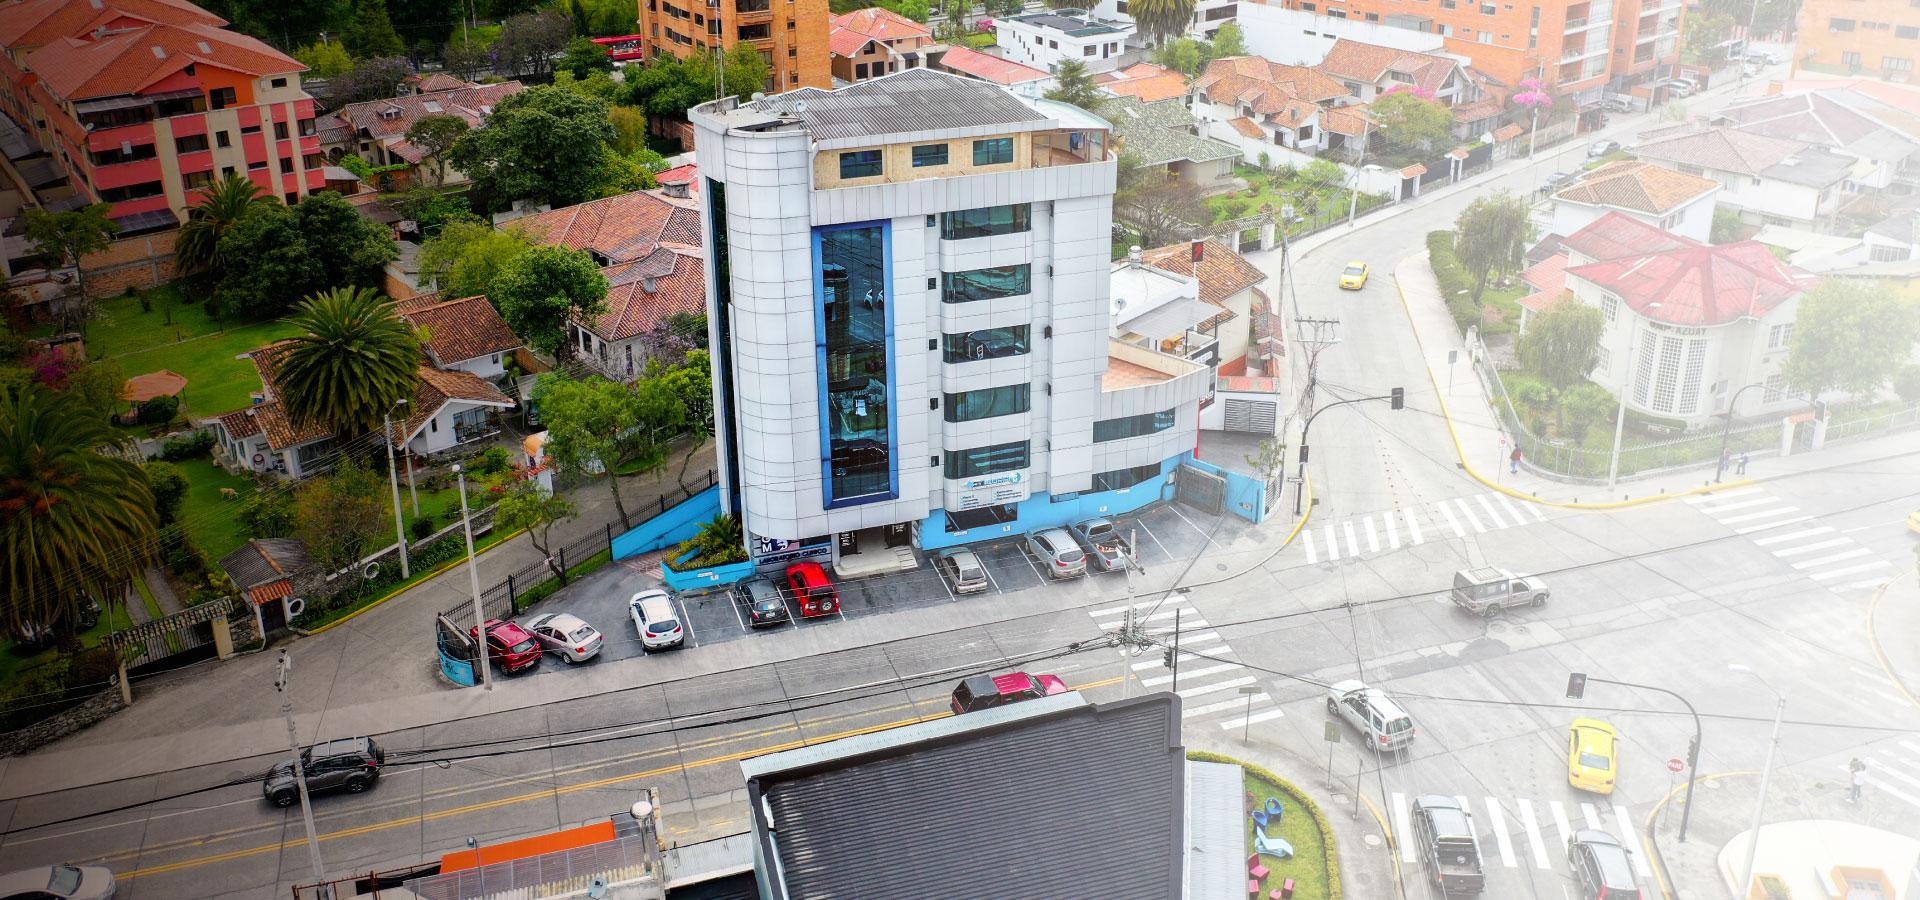 GM-Laboratorios-Laboratorio-Clinico-Cuenca-Ecuador-LabClinic